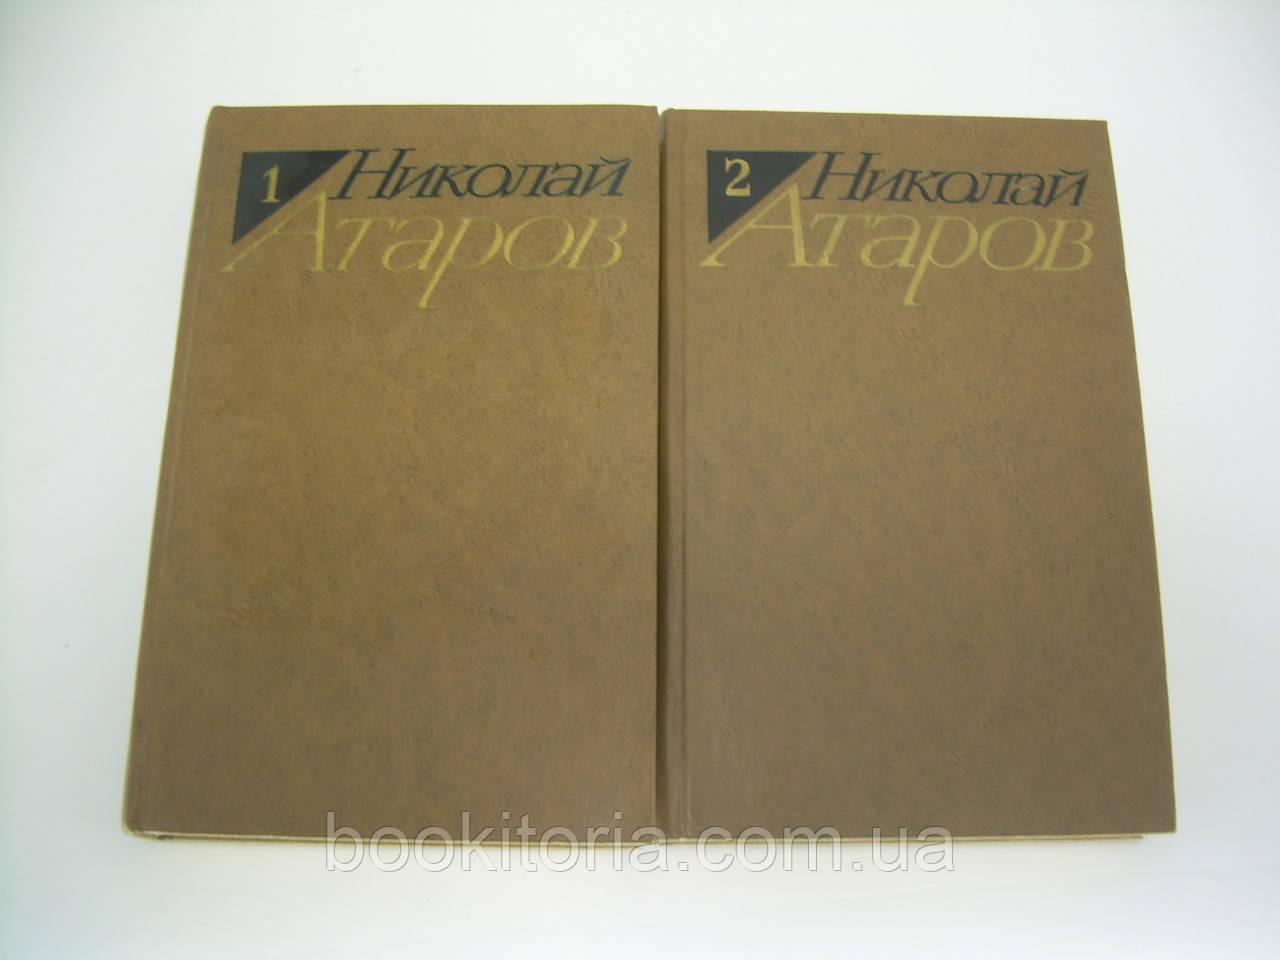 Атаров Н. Избранные произведения в двух томах (б/у).